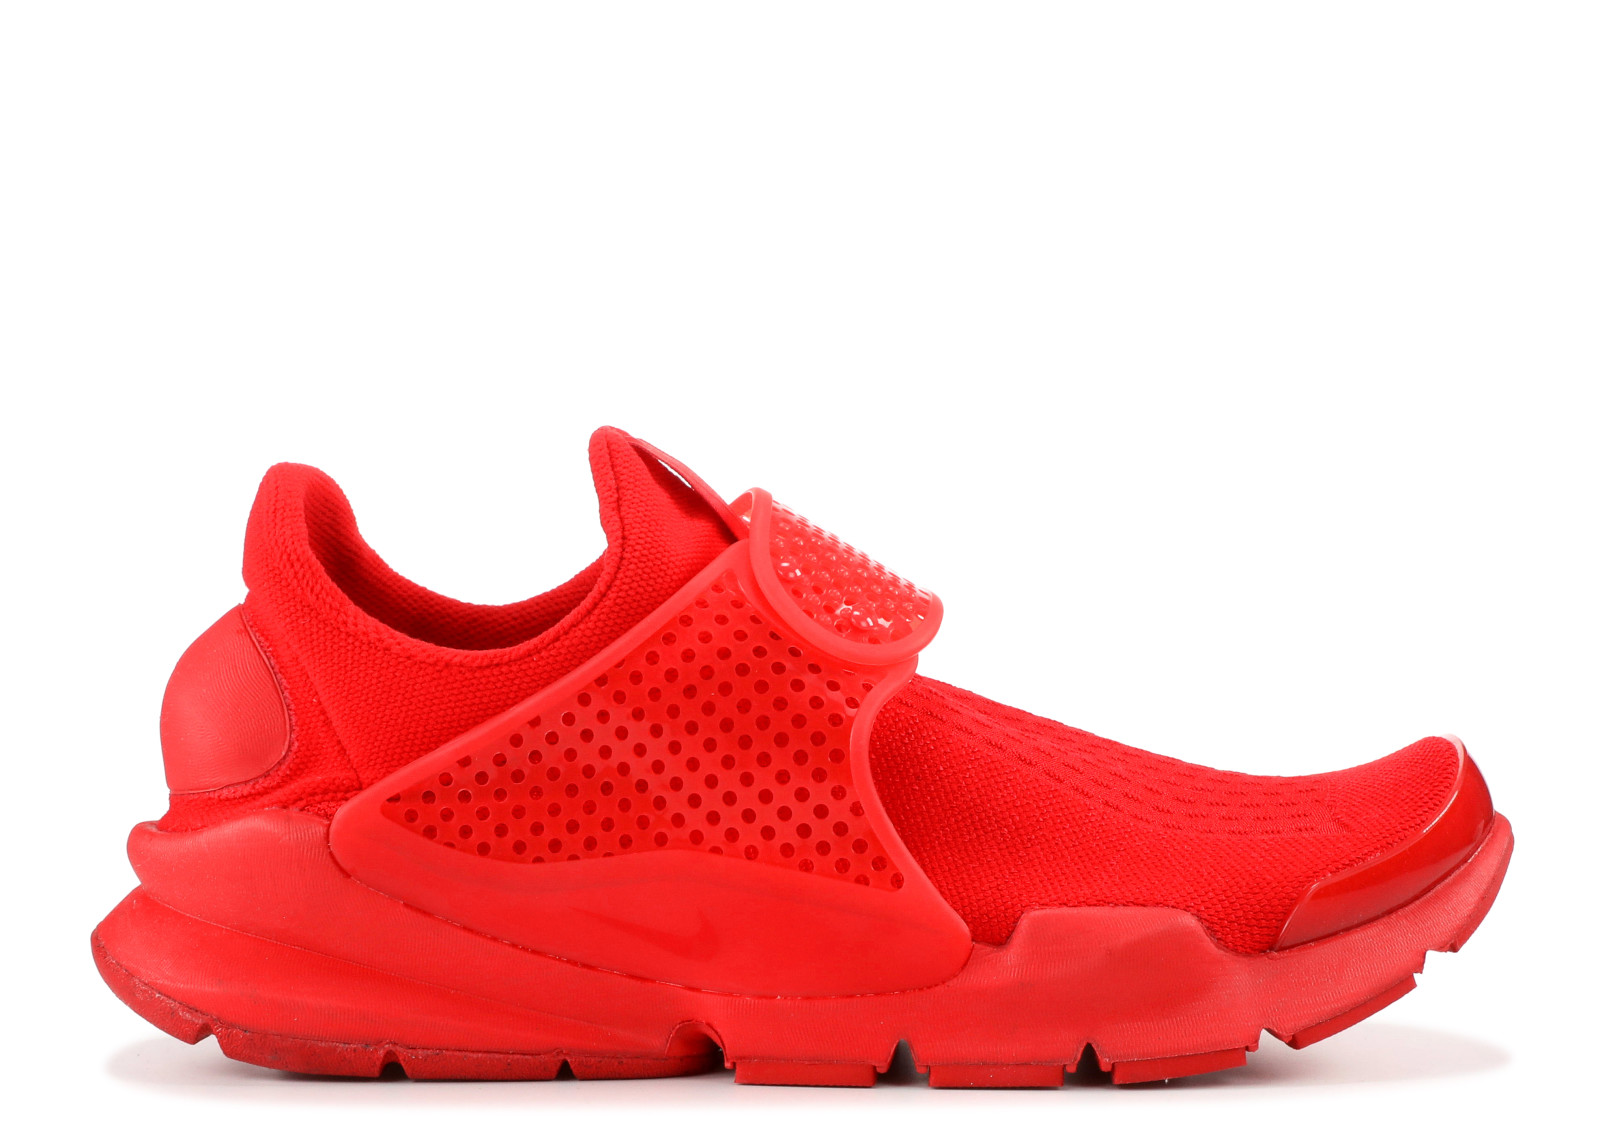 ナイキ ソック ダート ユニバーシティー 赤 レッド メンズ 男性用 スニーカー 靴 メンズ靴 【 NIKE SOCK DART KJCRD UNIVERSITY RED 】